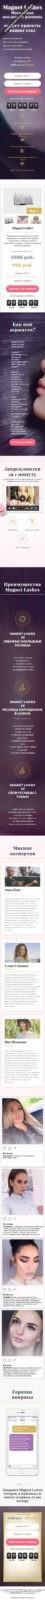 Скриншот Готового лендинга Magnet lashes - магнитные ресницы 001 - моб